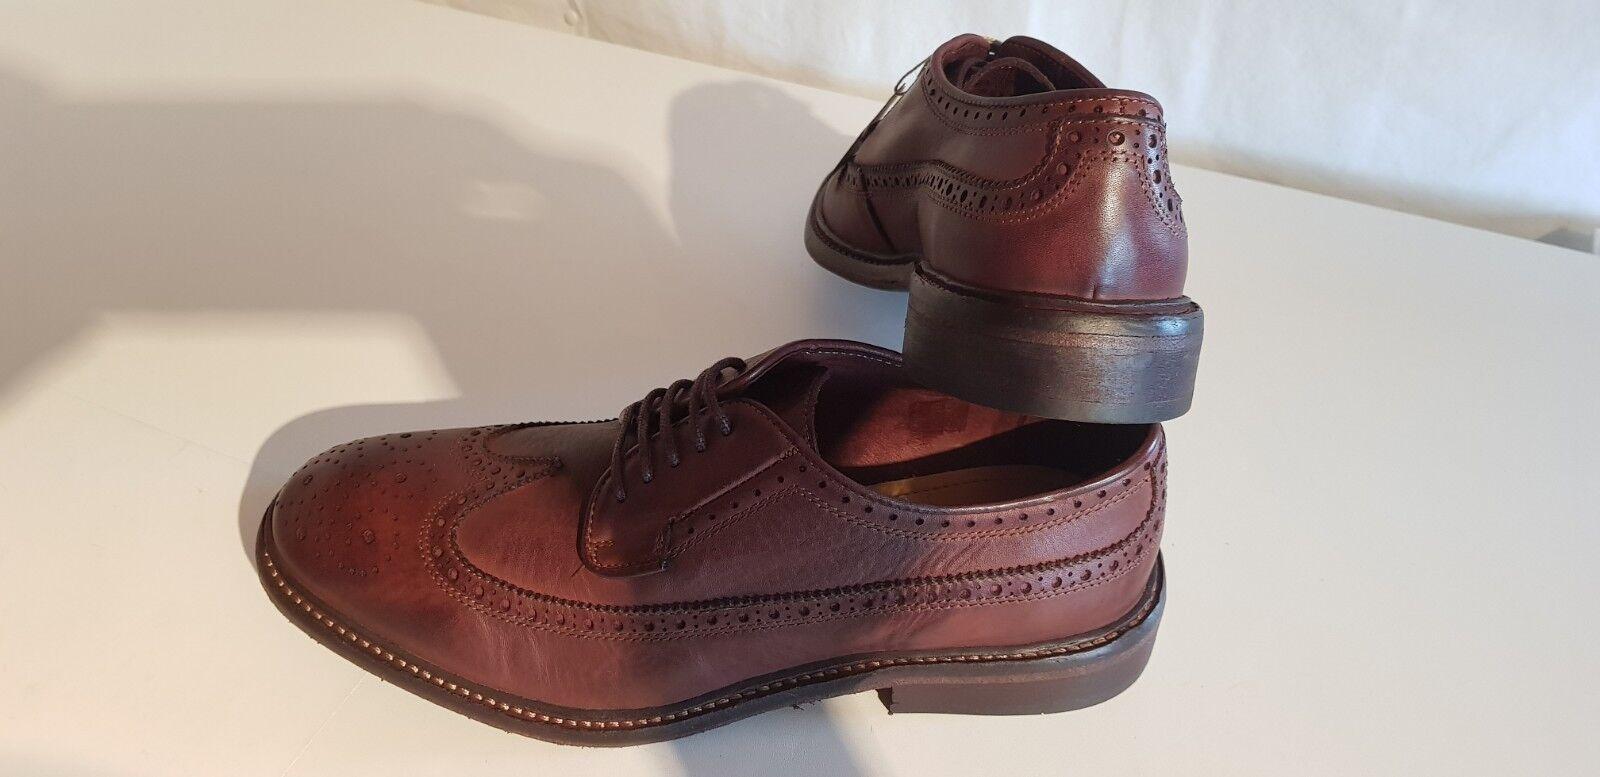 Hudson londres Somme señores cuero schnürzapatos marrón oscuro tamaño 43-44-45-46 nuevo